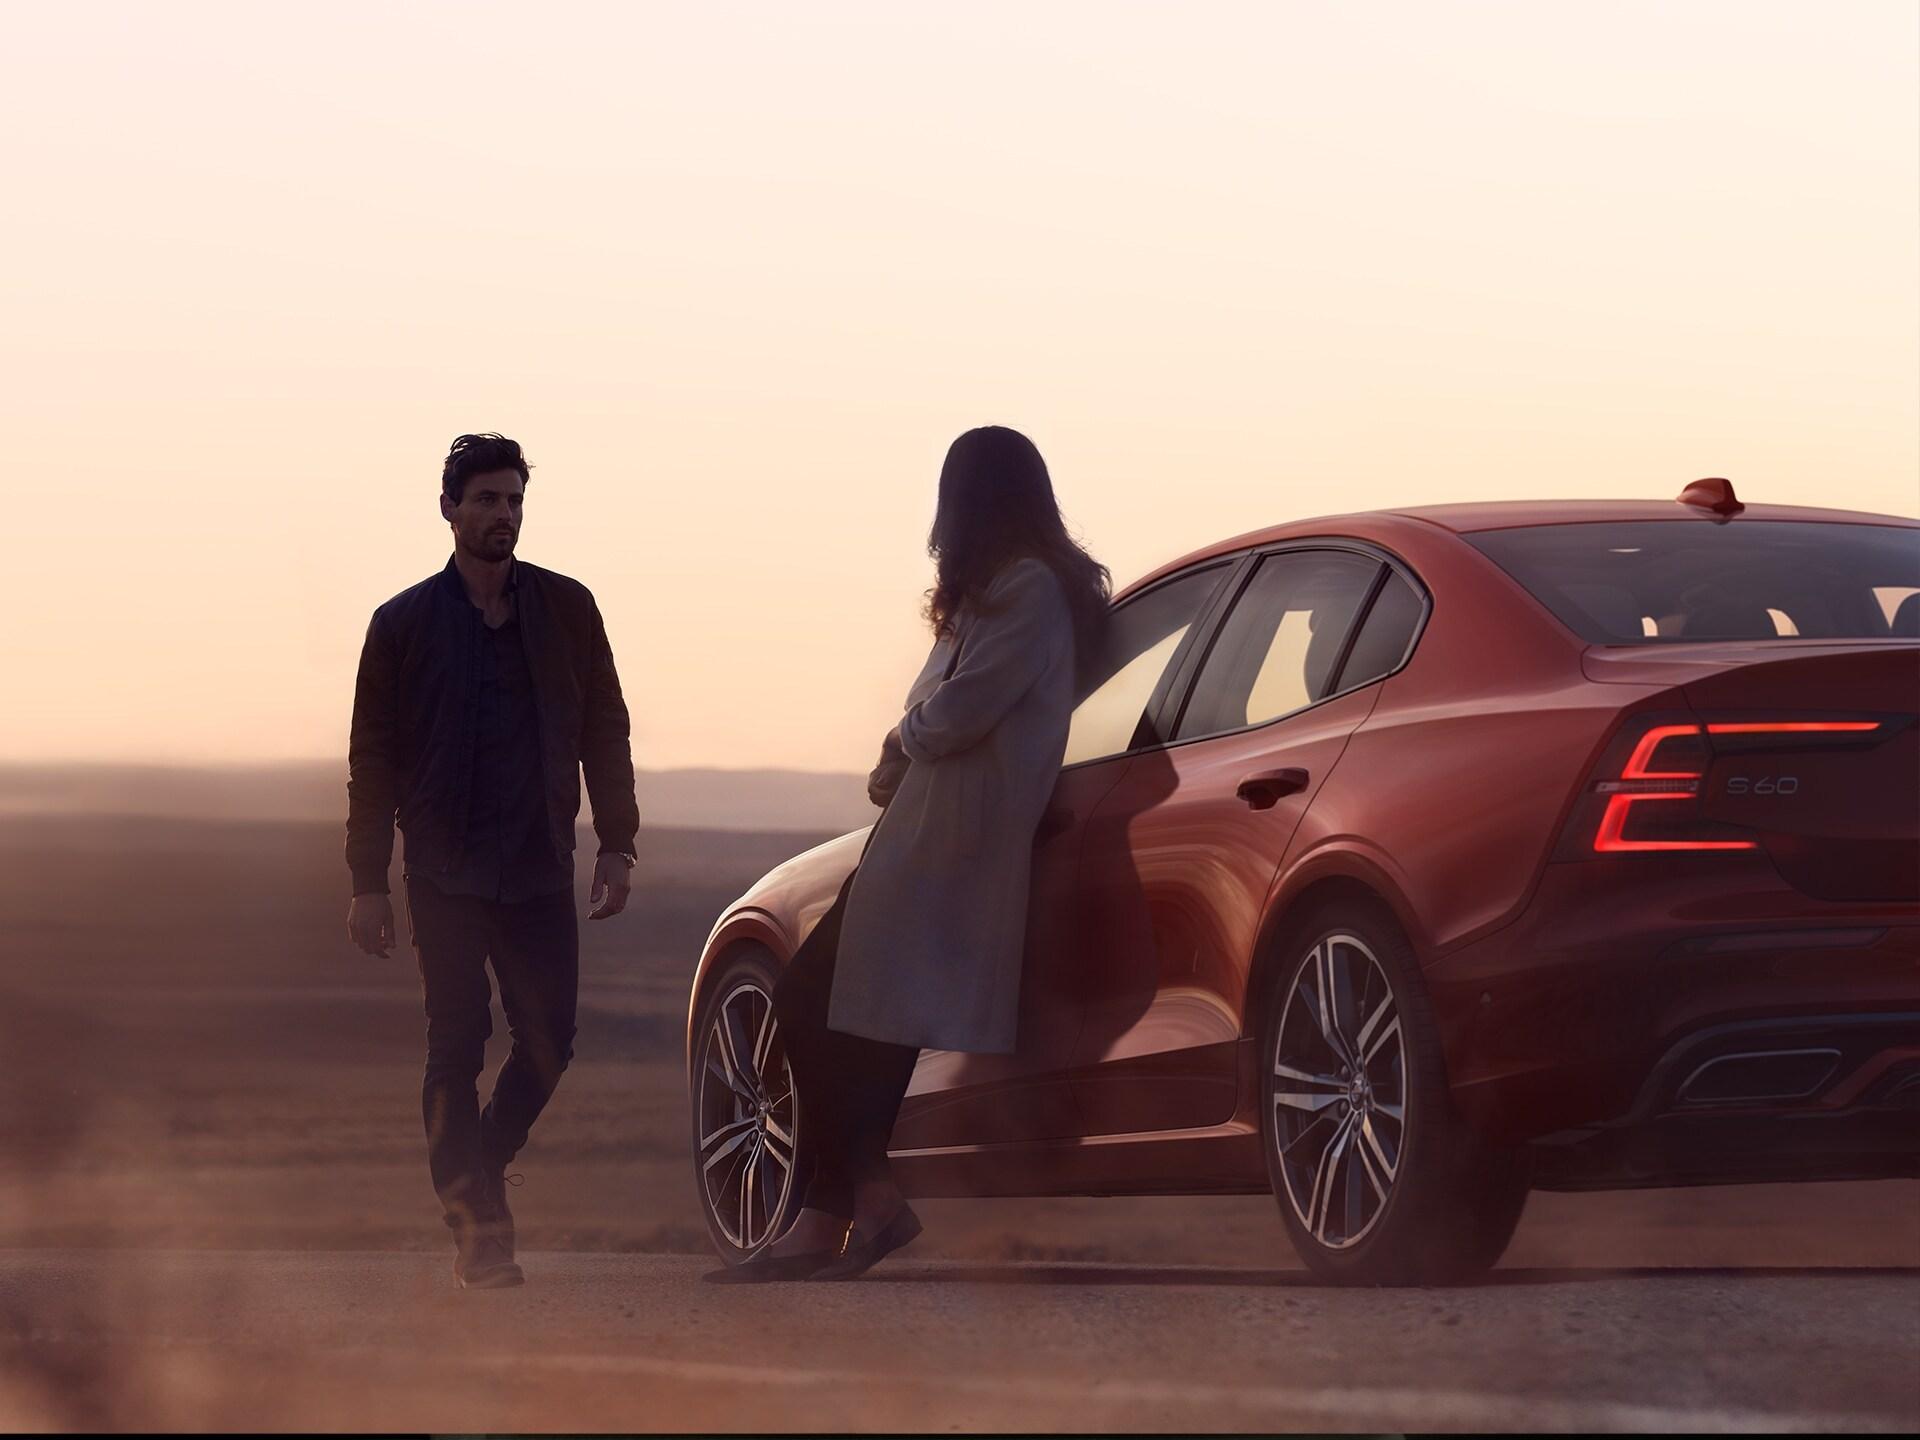 Un uomo e una donna in piedi vicino alla loro S60 rossa, al tramonto.